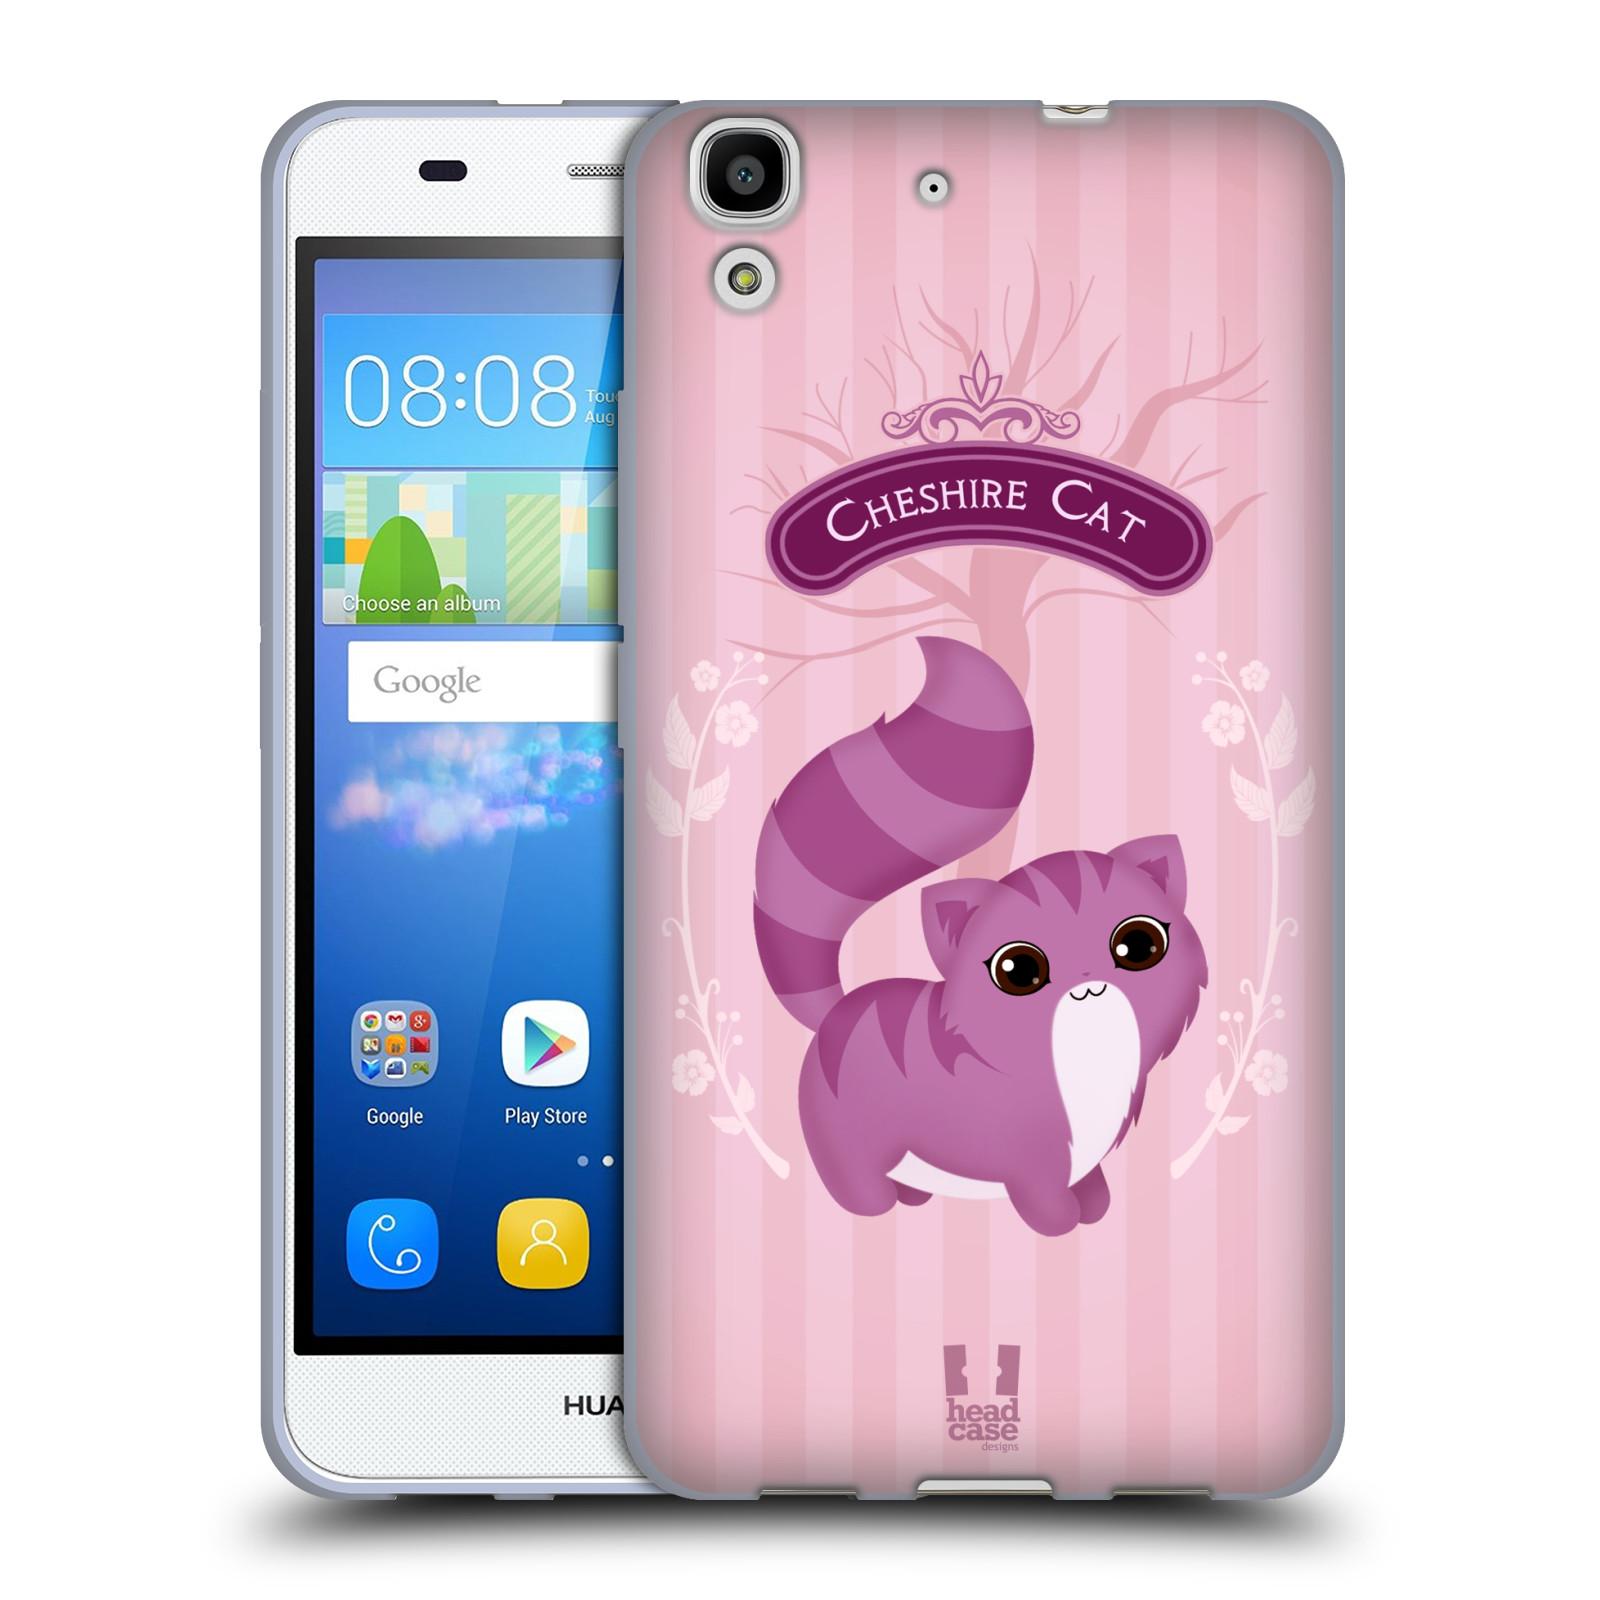 HEAD CASE silikonový obal na mobil HUAWEI Y6 vzor Alenka v říši divů kočička